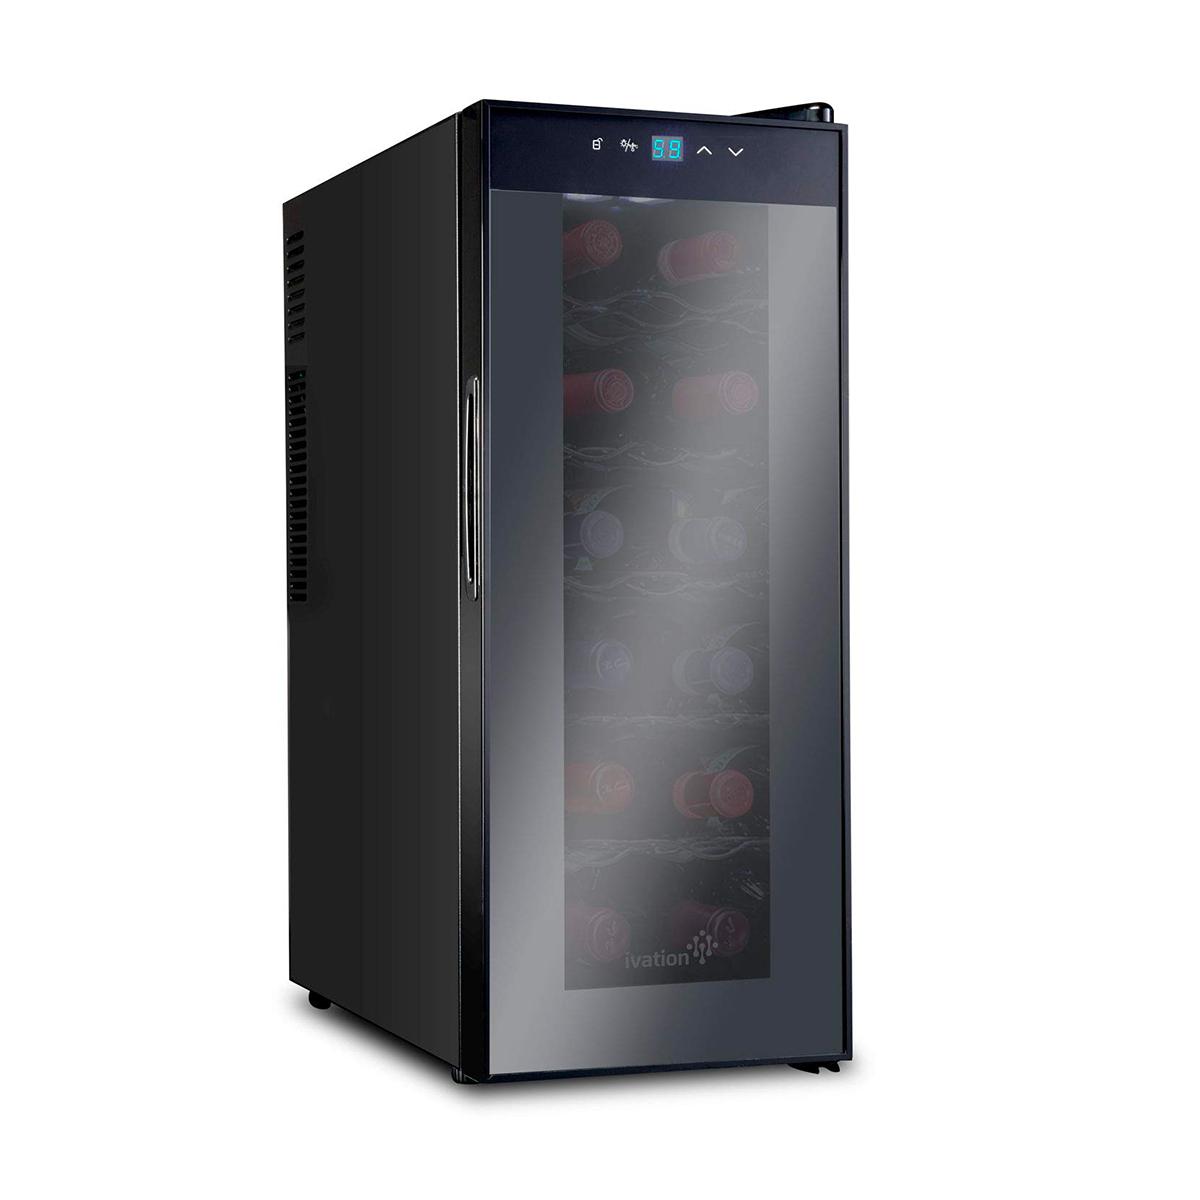 Sistema di refrigerazione di vini a temperatura e ambiente costante e stabile per 12 bottiglie